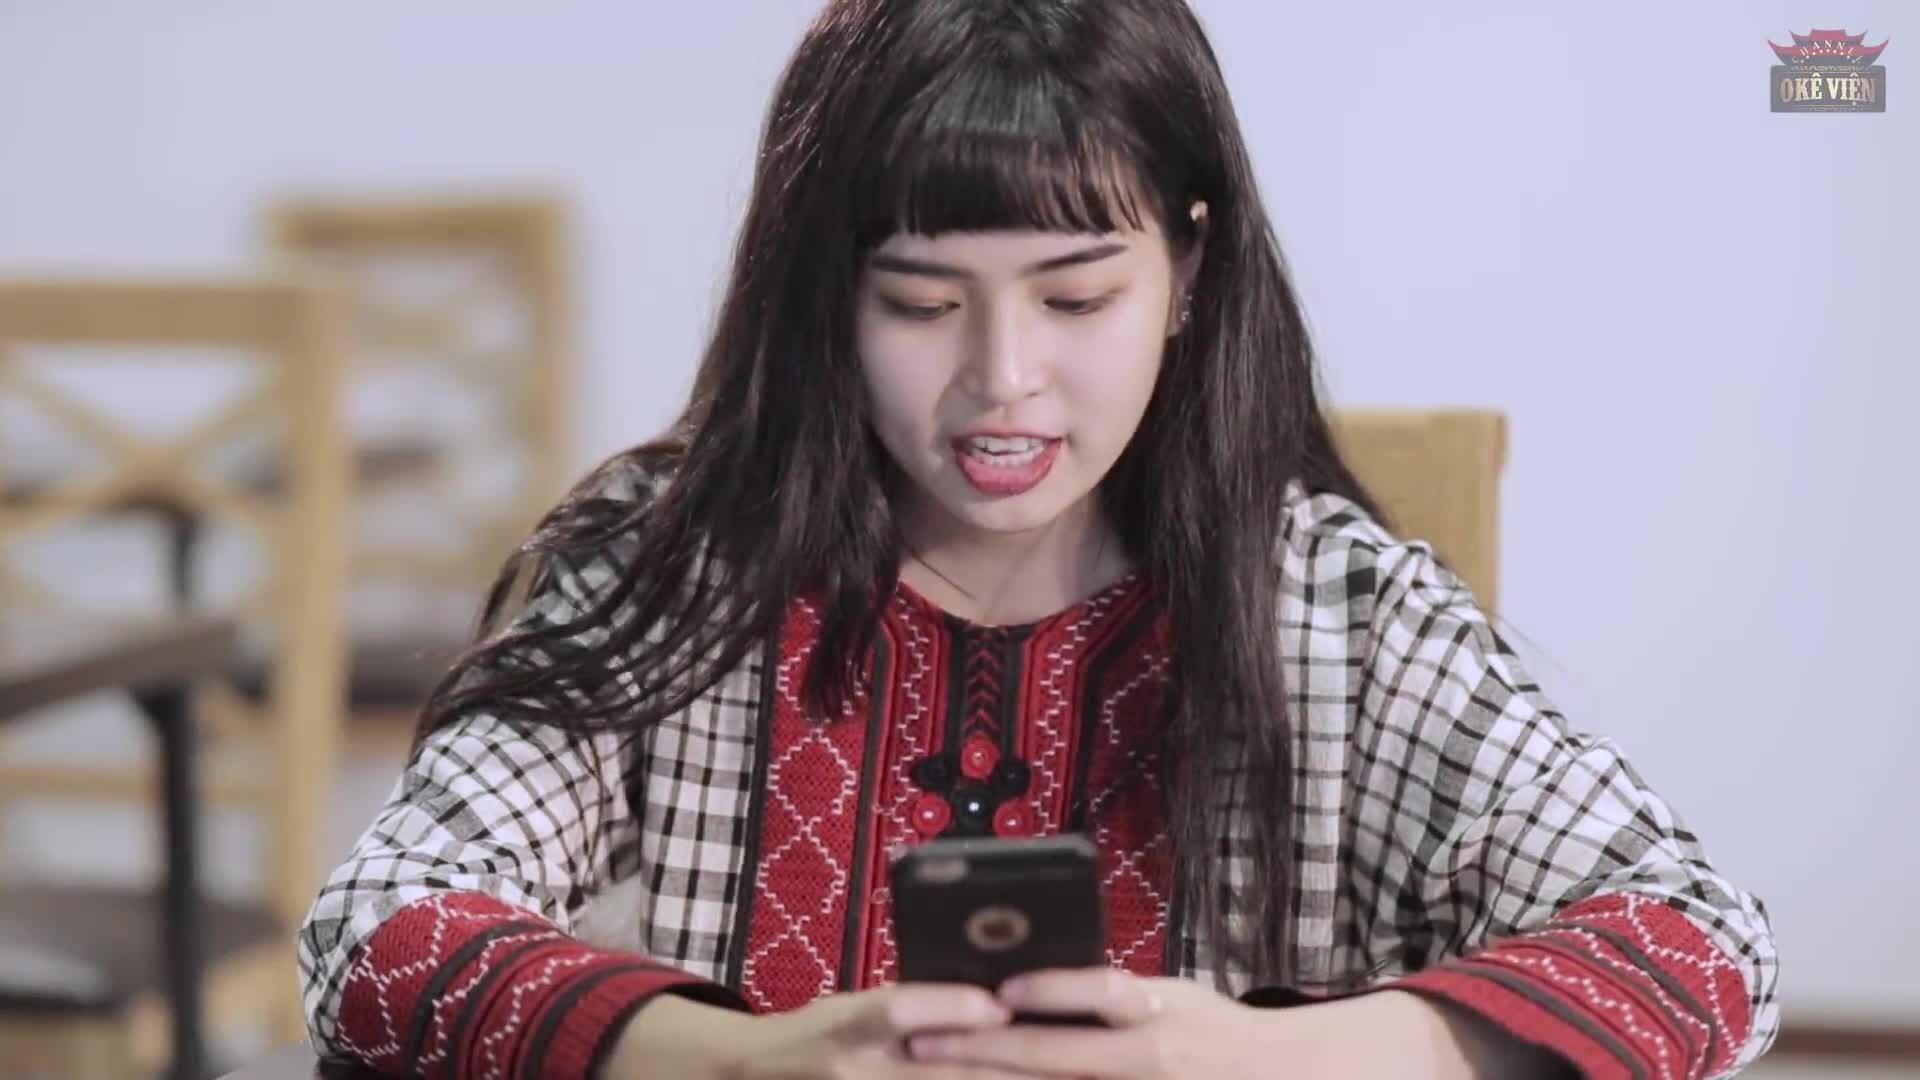 Diễn xuất của Đỗ Khánh Vân (Mắt biếc) trong phim sitcom